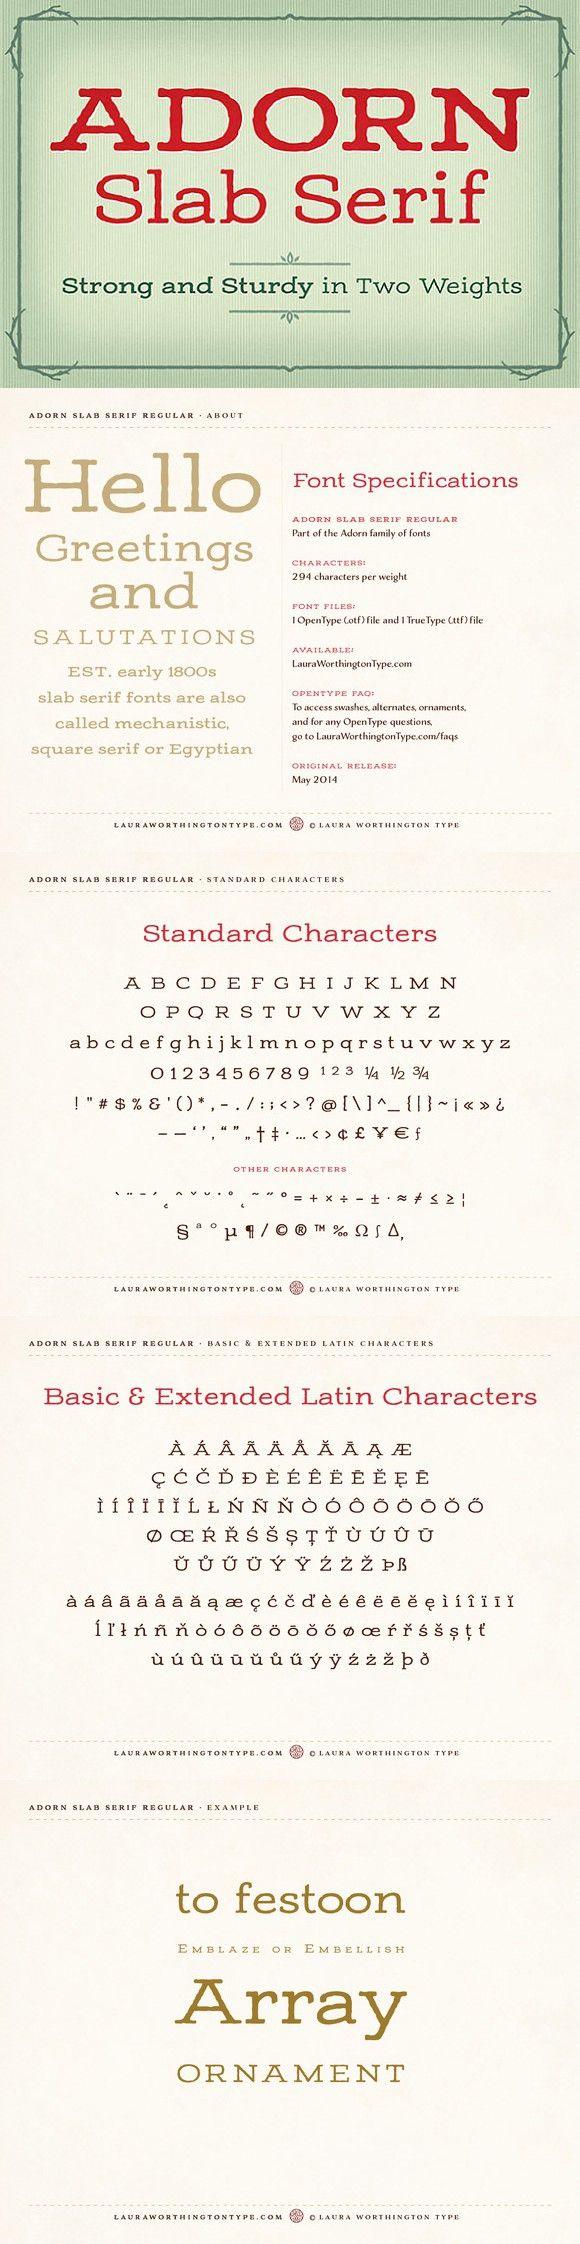 Adorn Slab Serif Bold. Slab Serif Fonts. $20.00